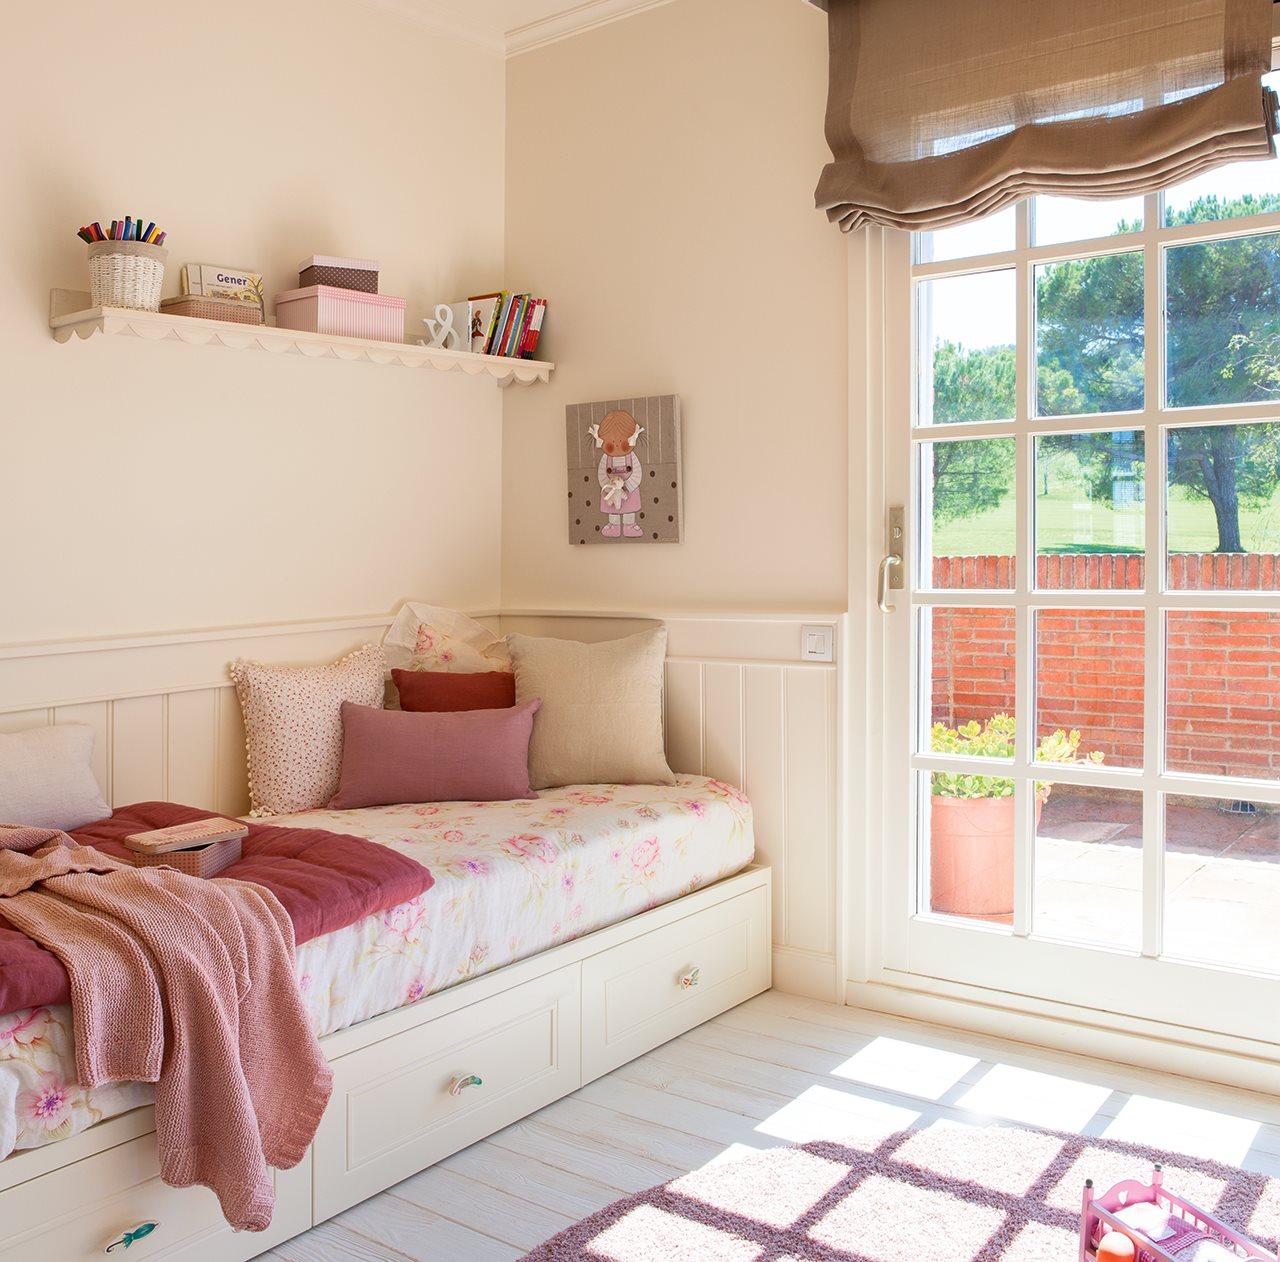 Una casa de inspiraci n estadounidense - Dormitorios infantiles con encanto ...